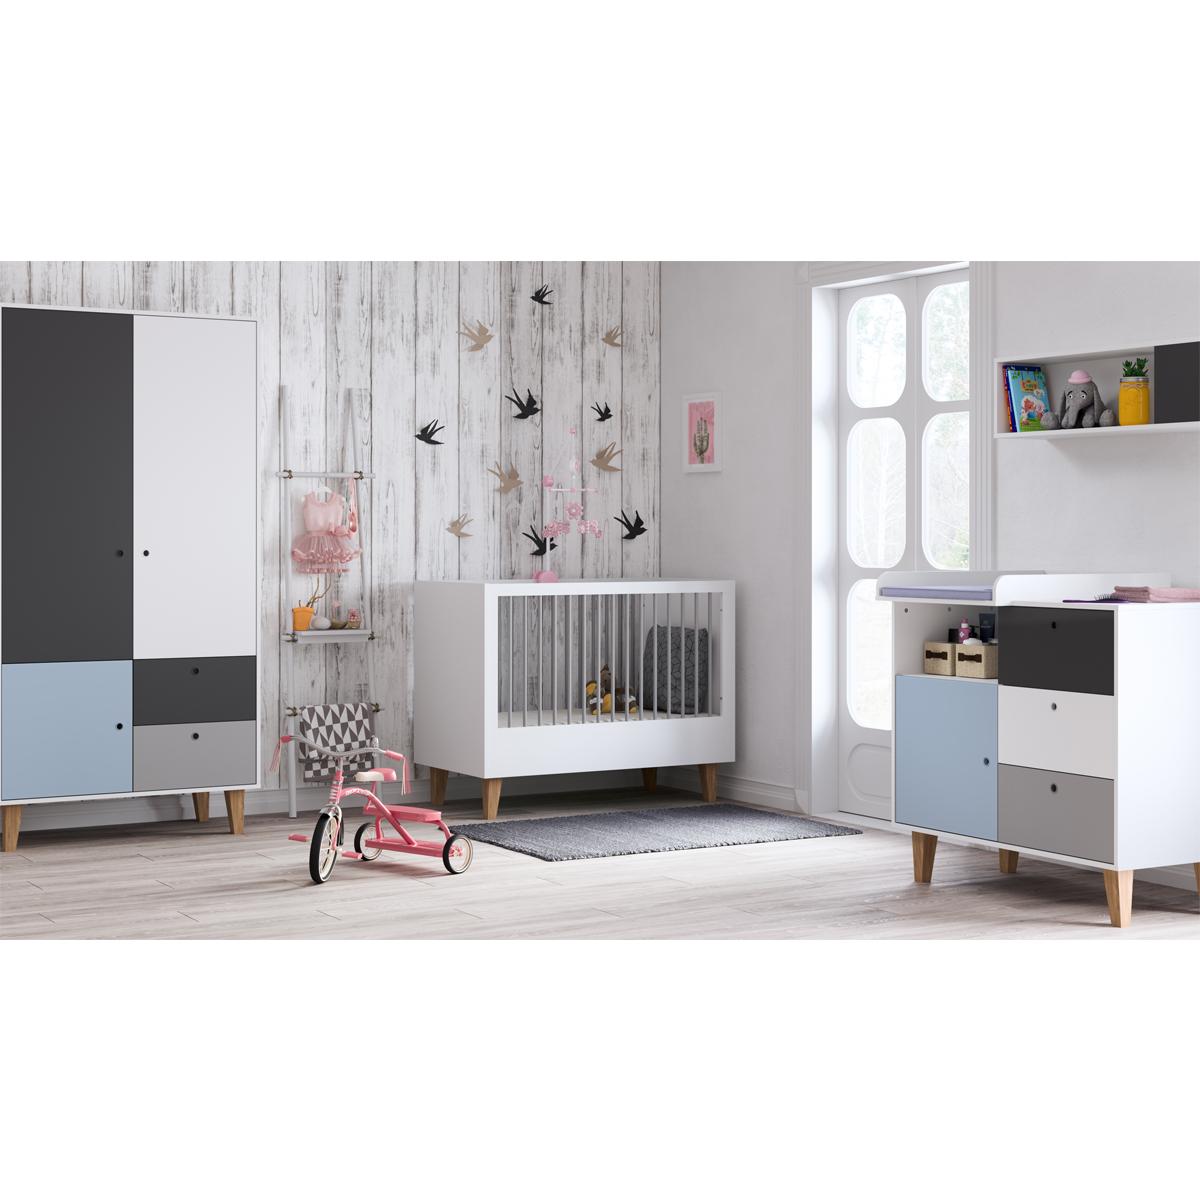 Chambre complète lit évolutif 70x140 - commode à langer - armoire 2 portes Vox Concept - Bleu